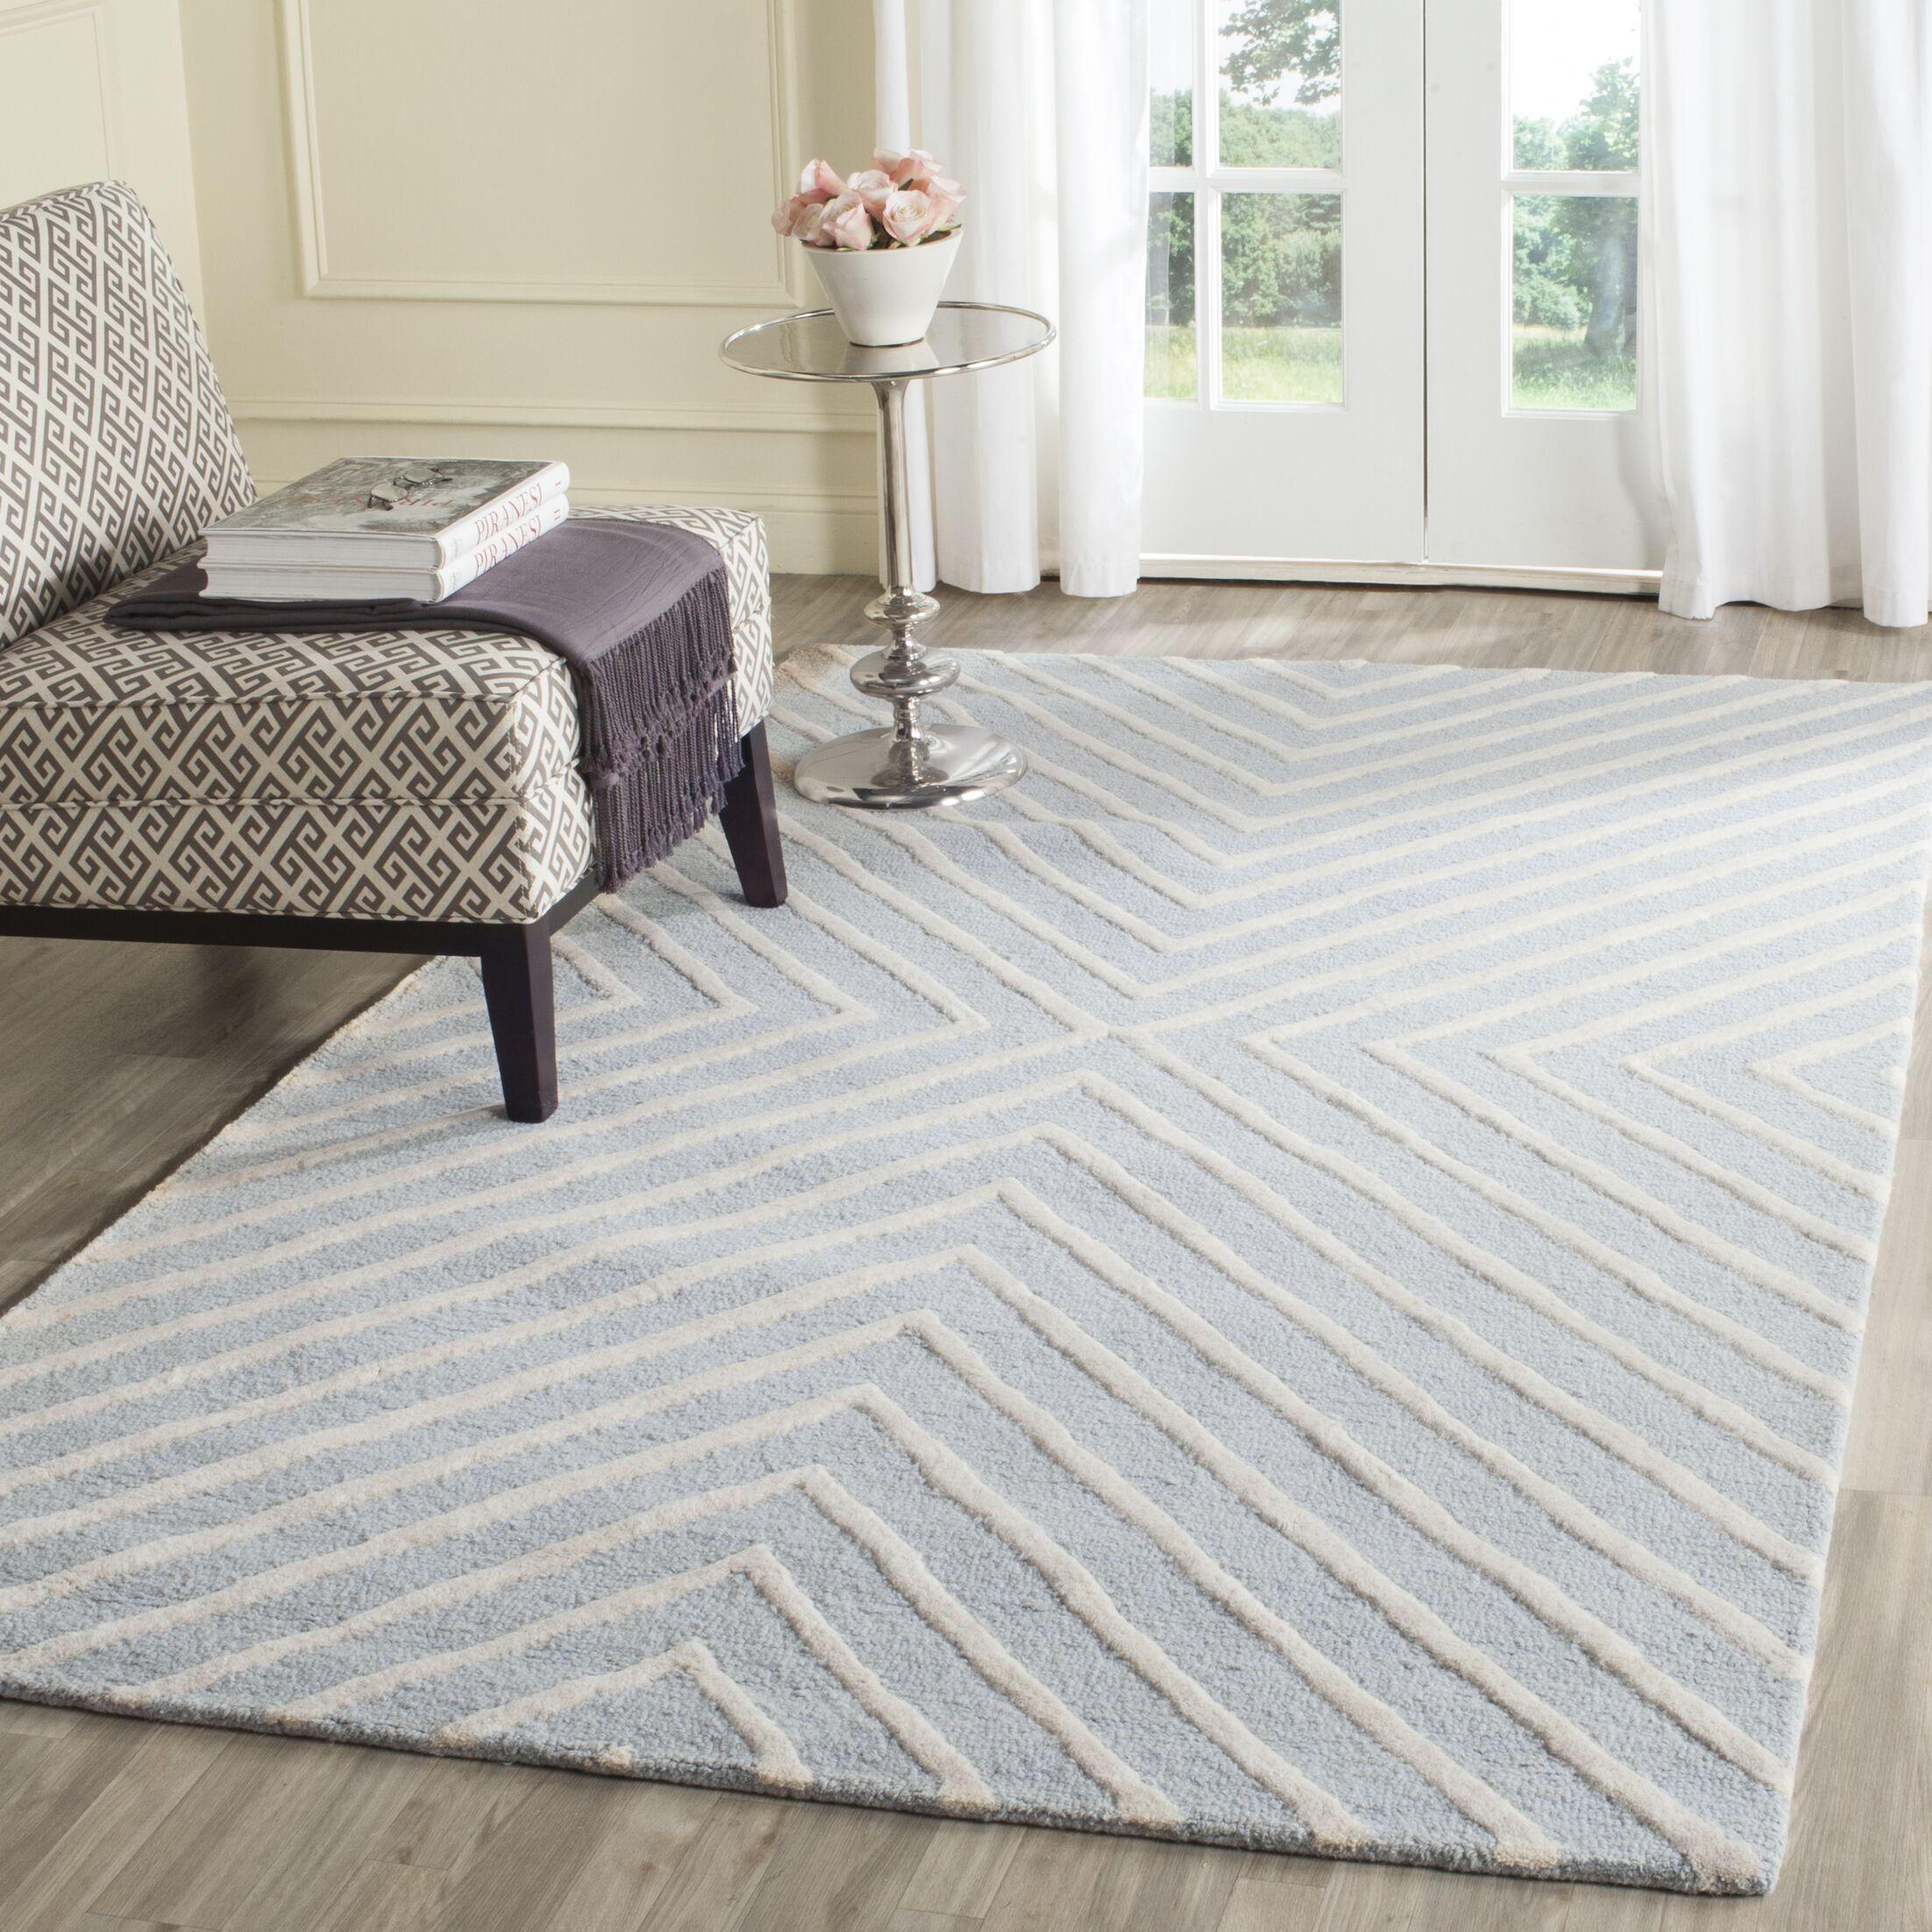 Weybridge Hand Woven Wool Light Blue/Ivory Area Rug Rug Size: Rectangle 4' x 6'